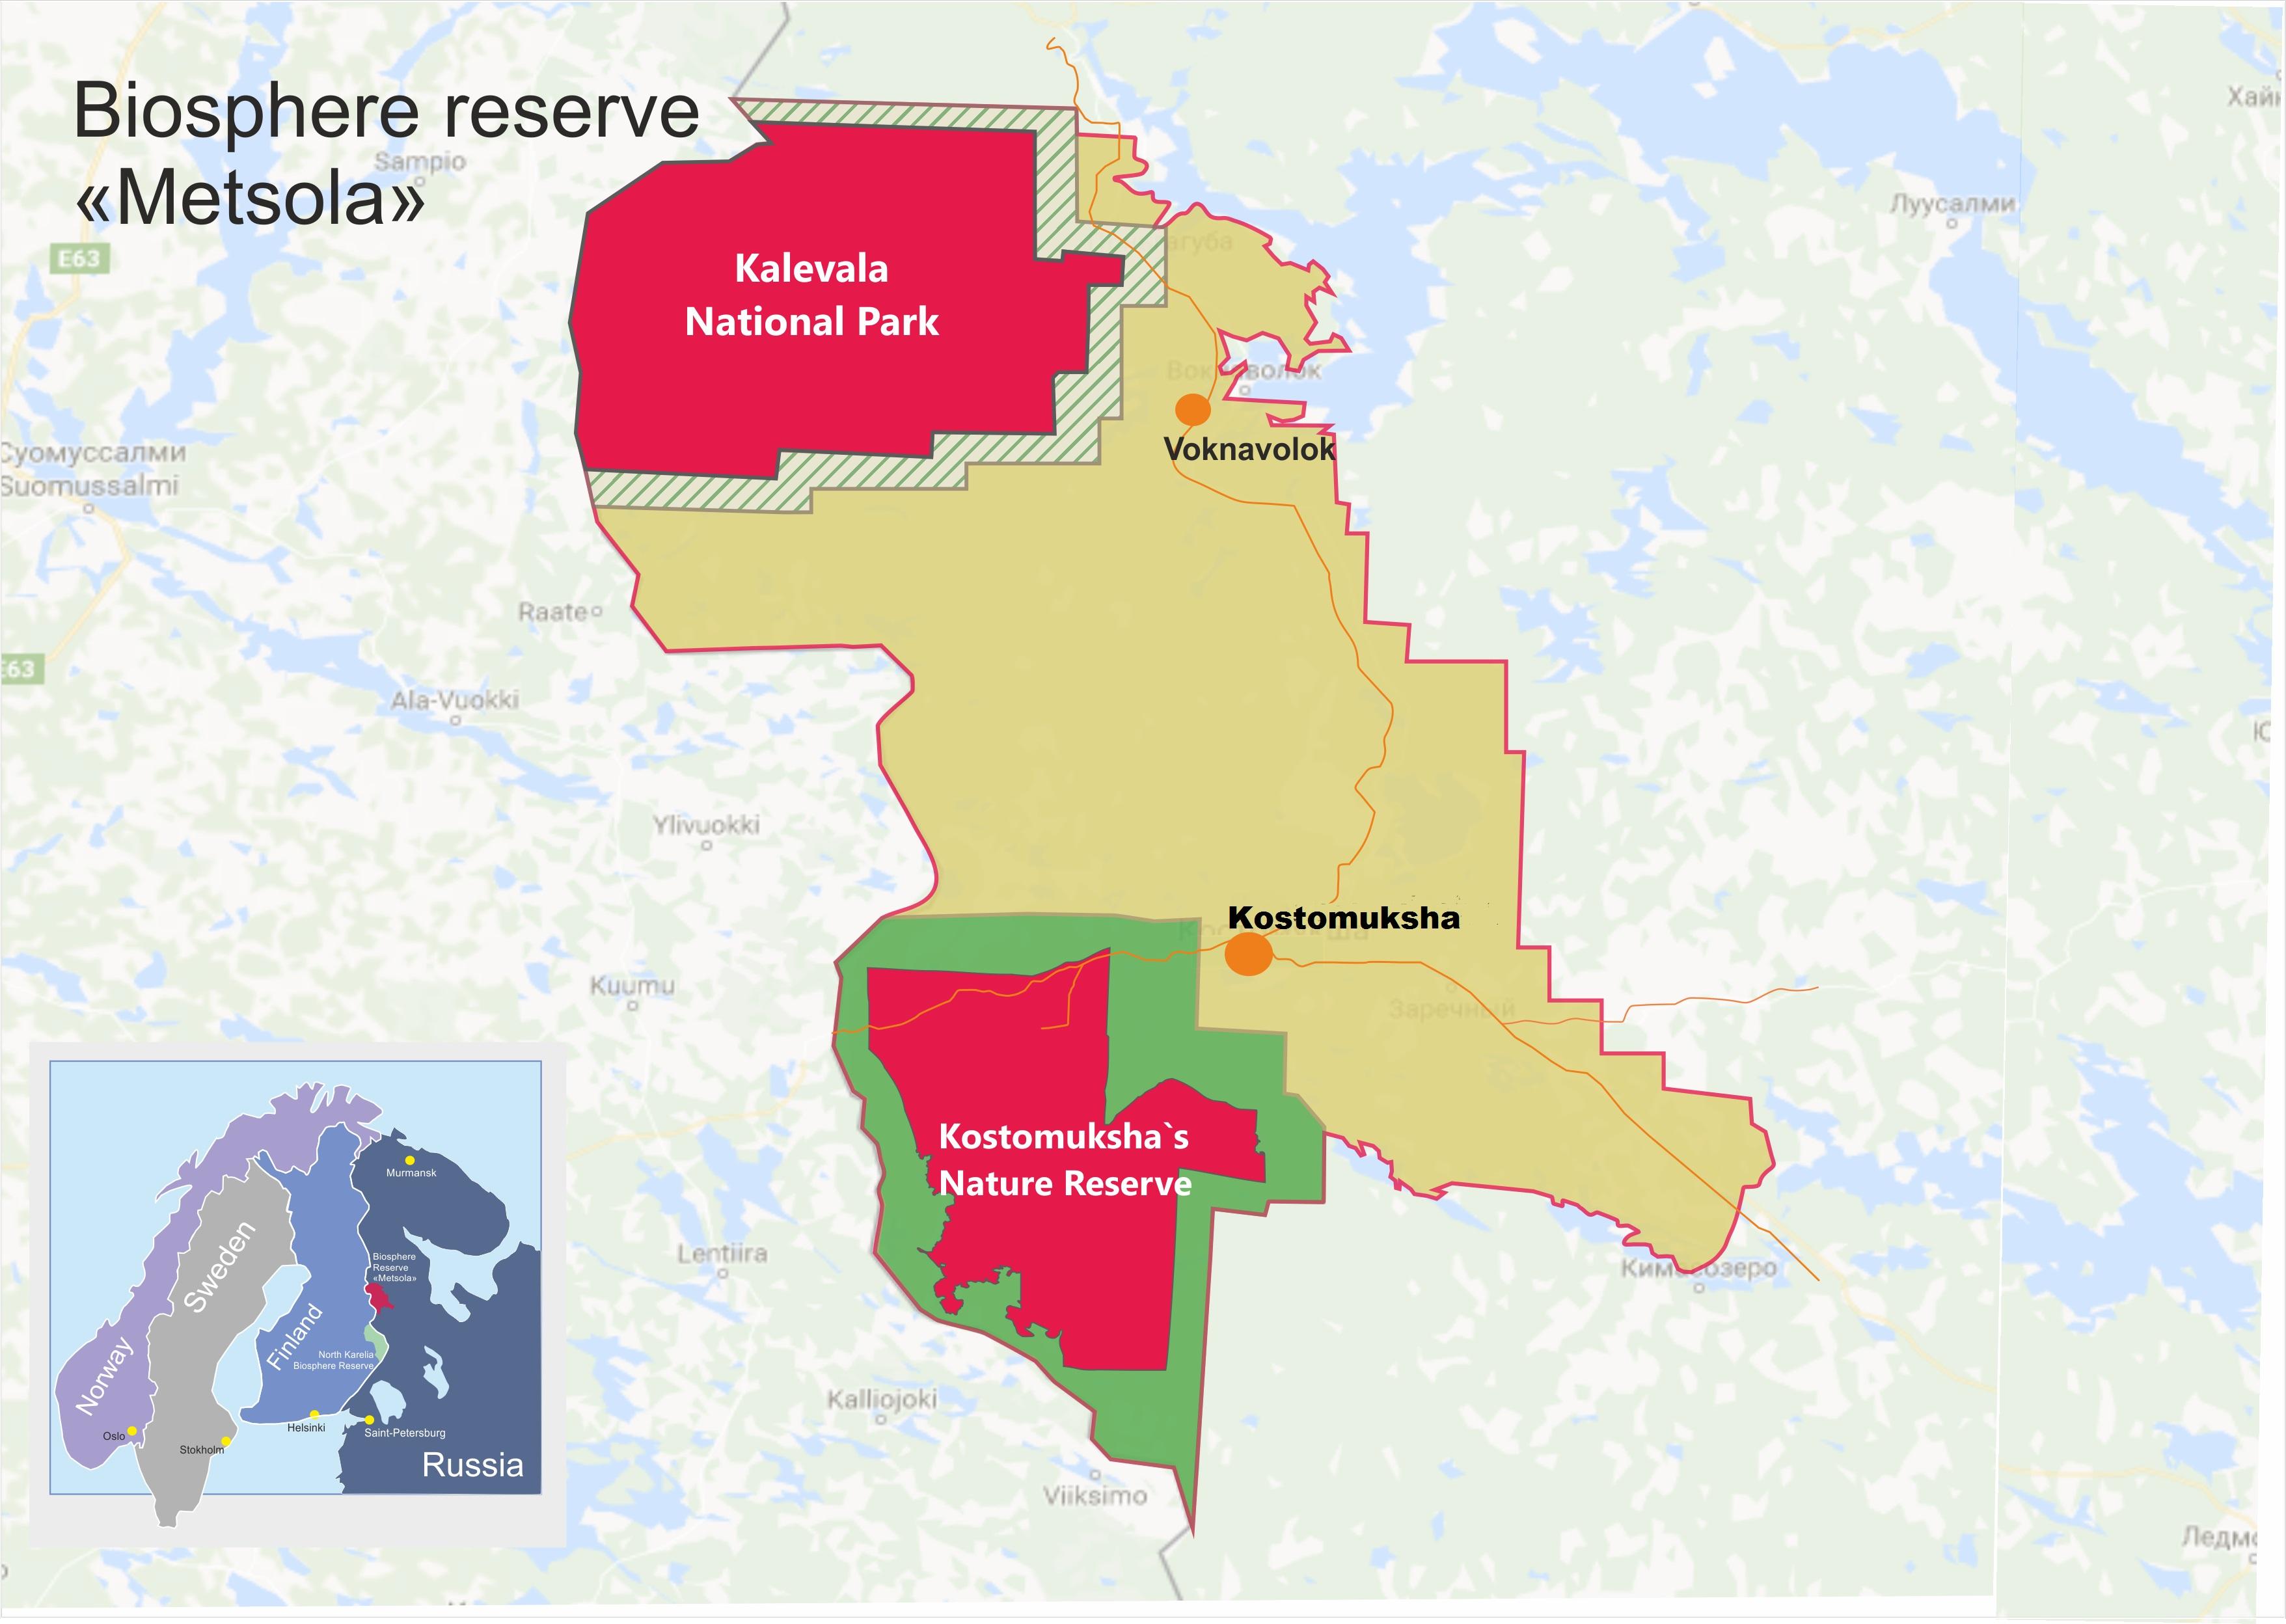 биосферный резерват